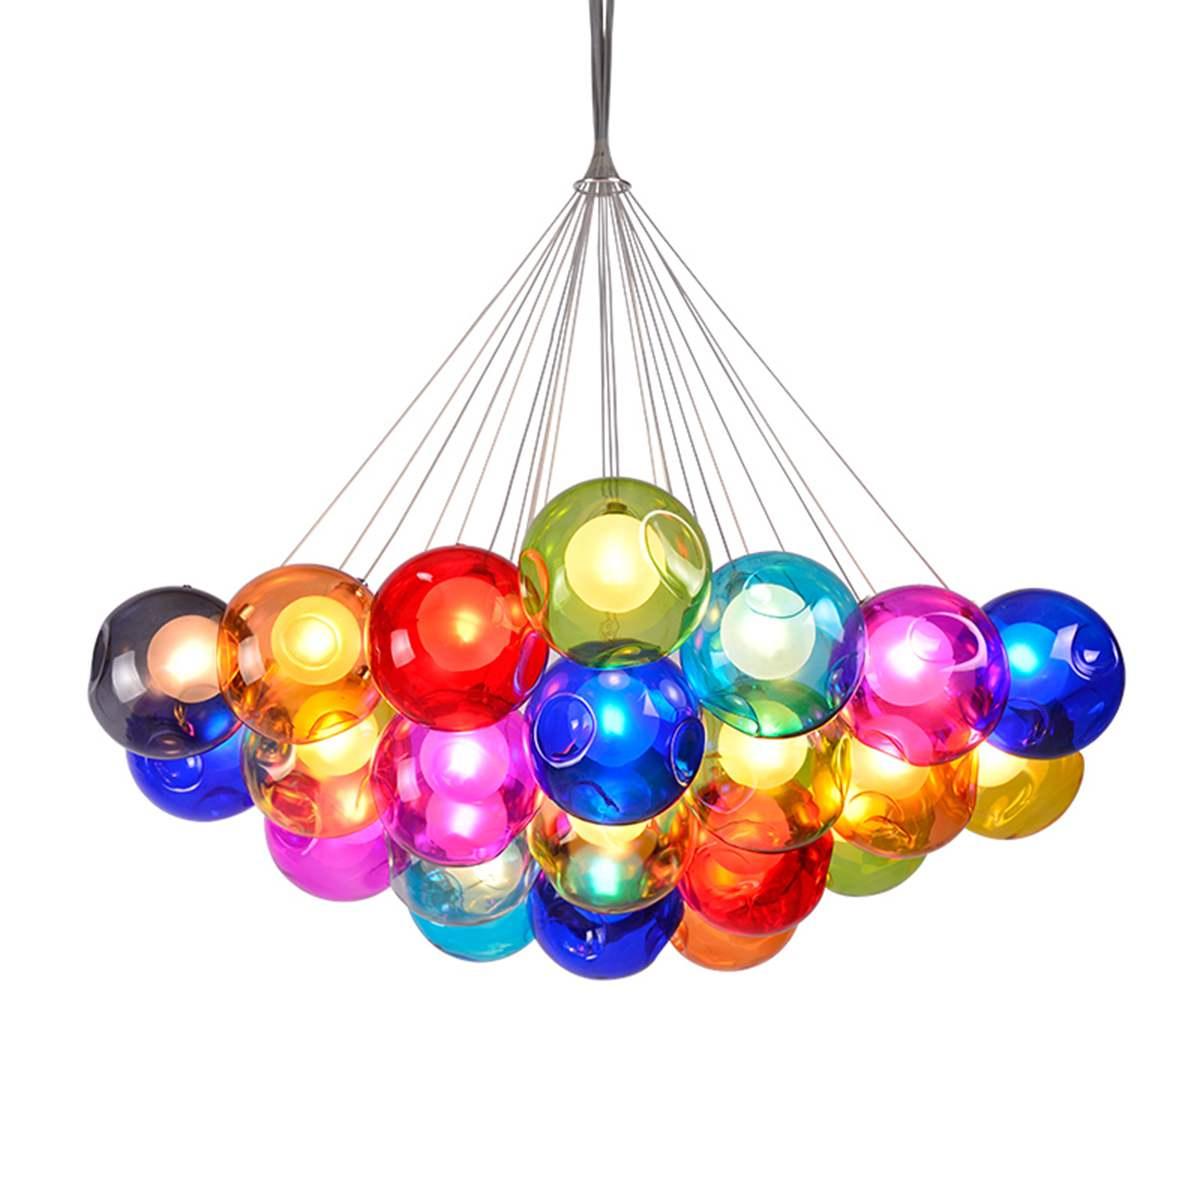 1 Pc Moderne Led Coloré Boule De Verre Suspension Lampe Pour La Décoration De La Maison Salle à Manger Salon Bar Led Lampes En Verre Lampes Suspendues PosséDer Des Saveurs Chinoises